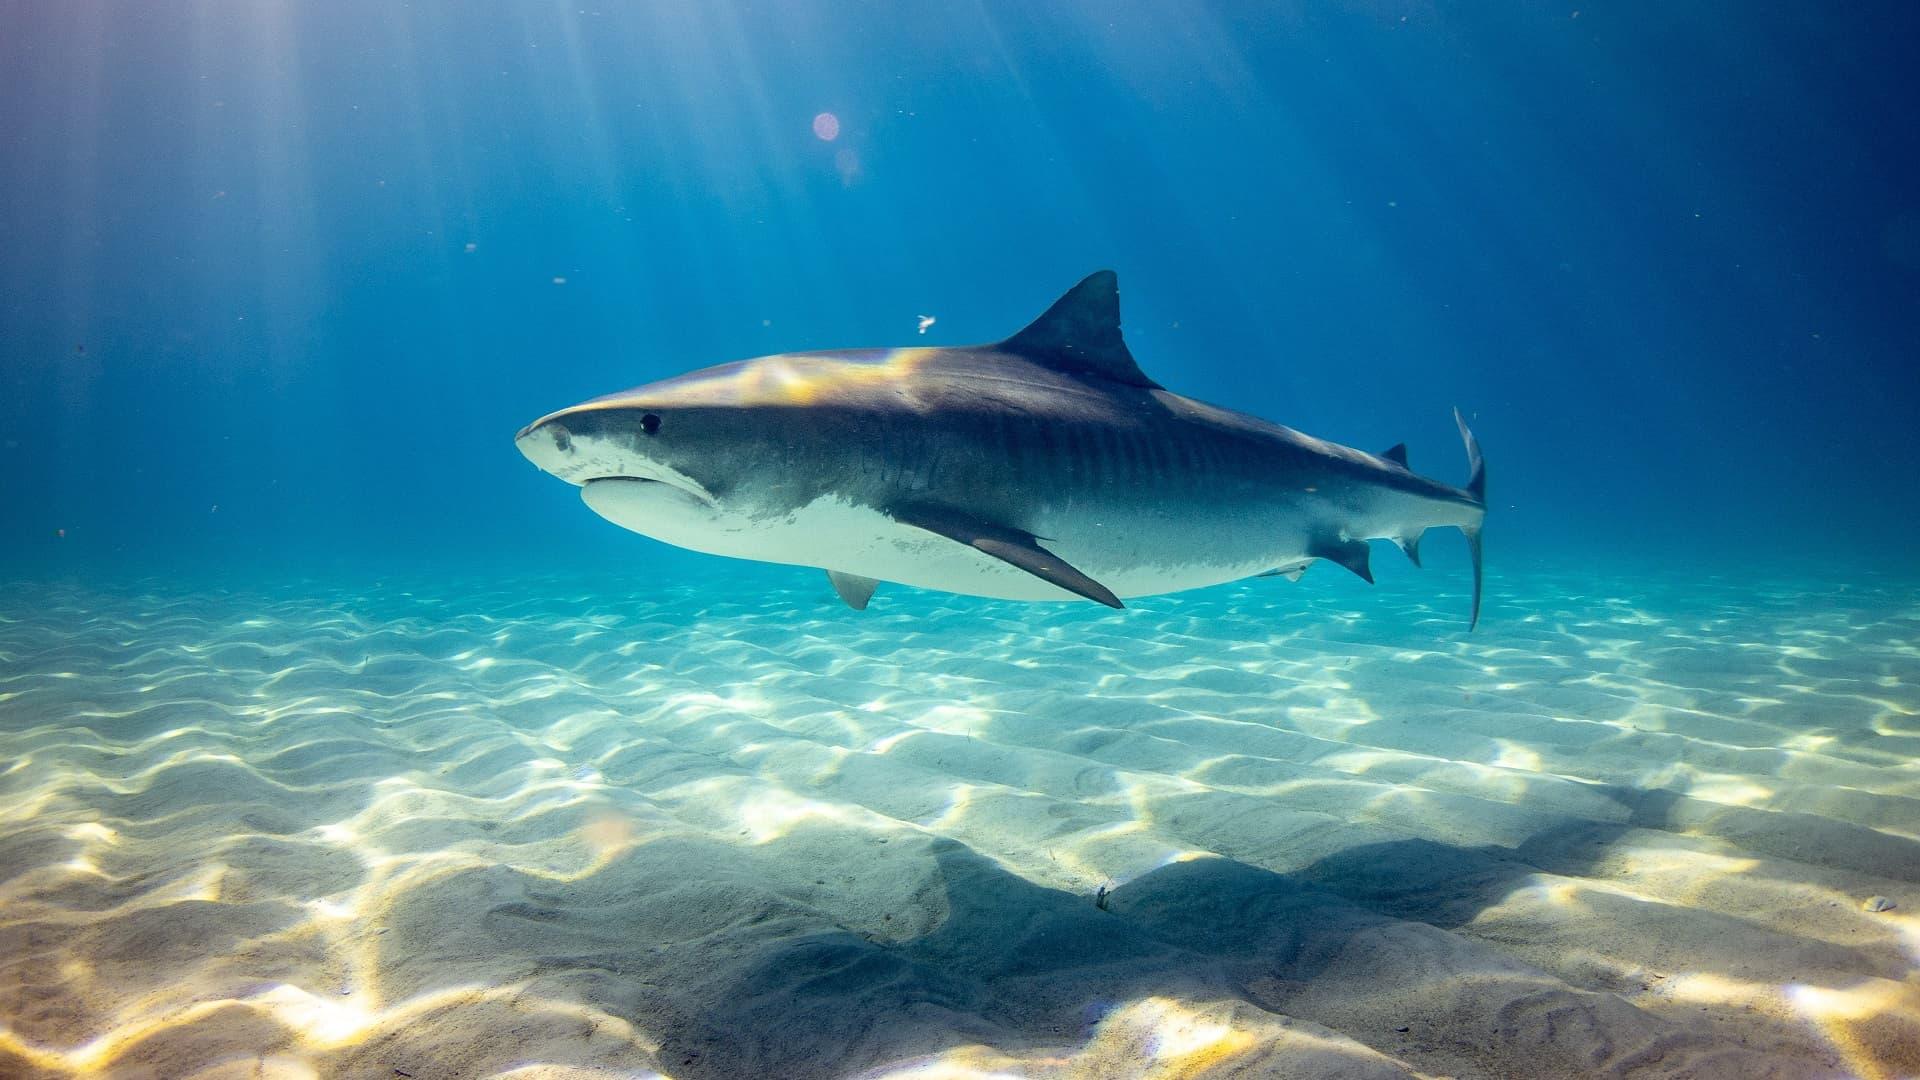 Reflet du requin tigre sur le sable du fond